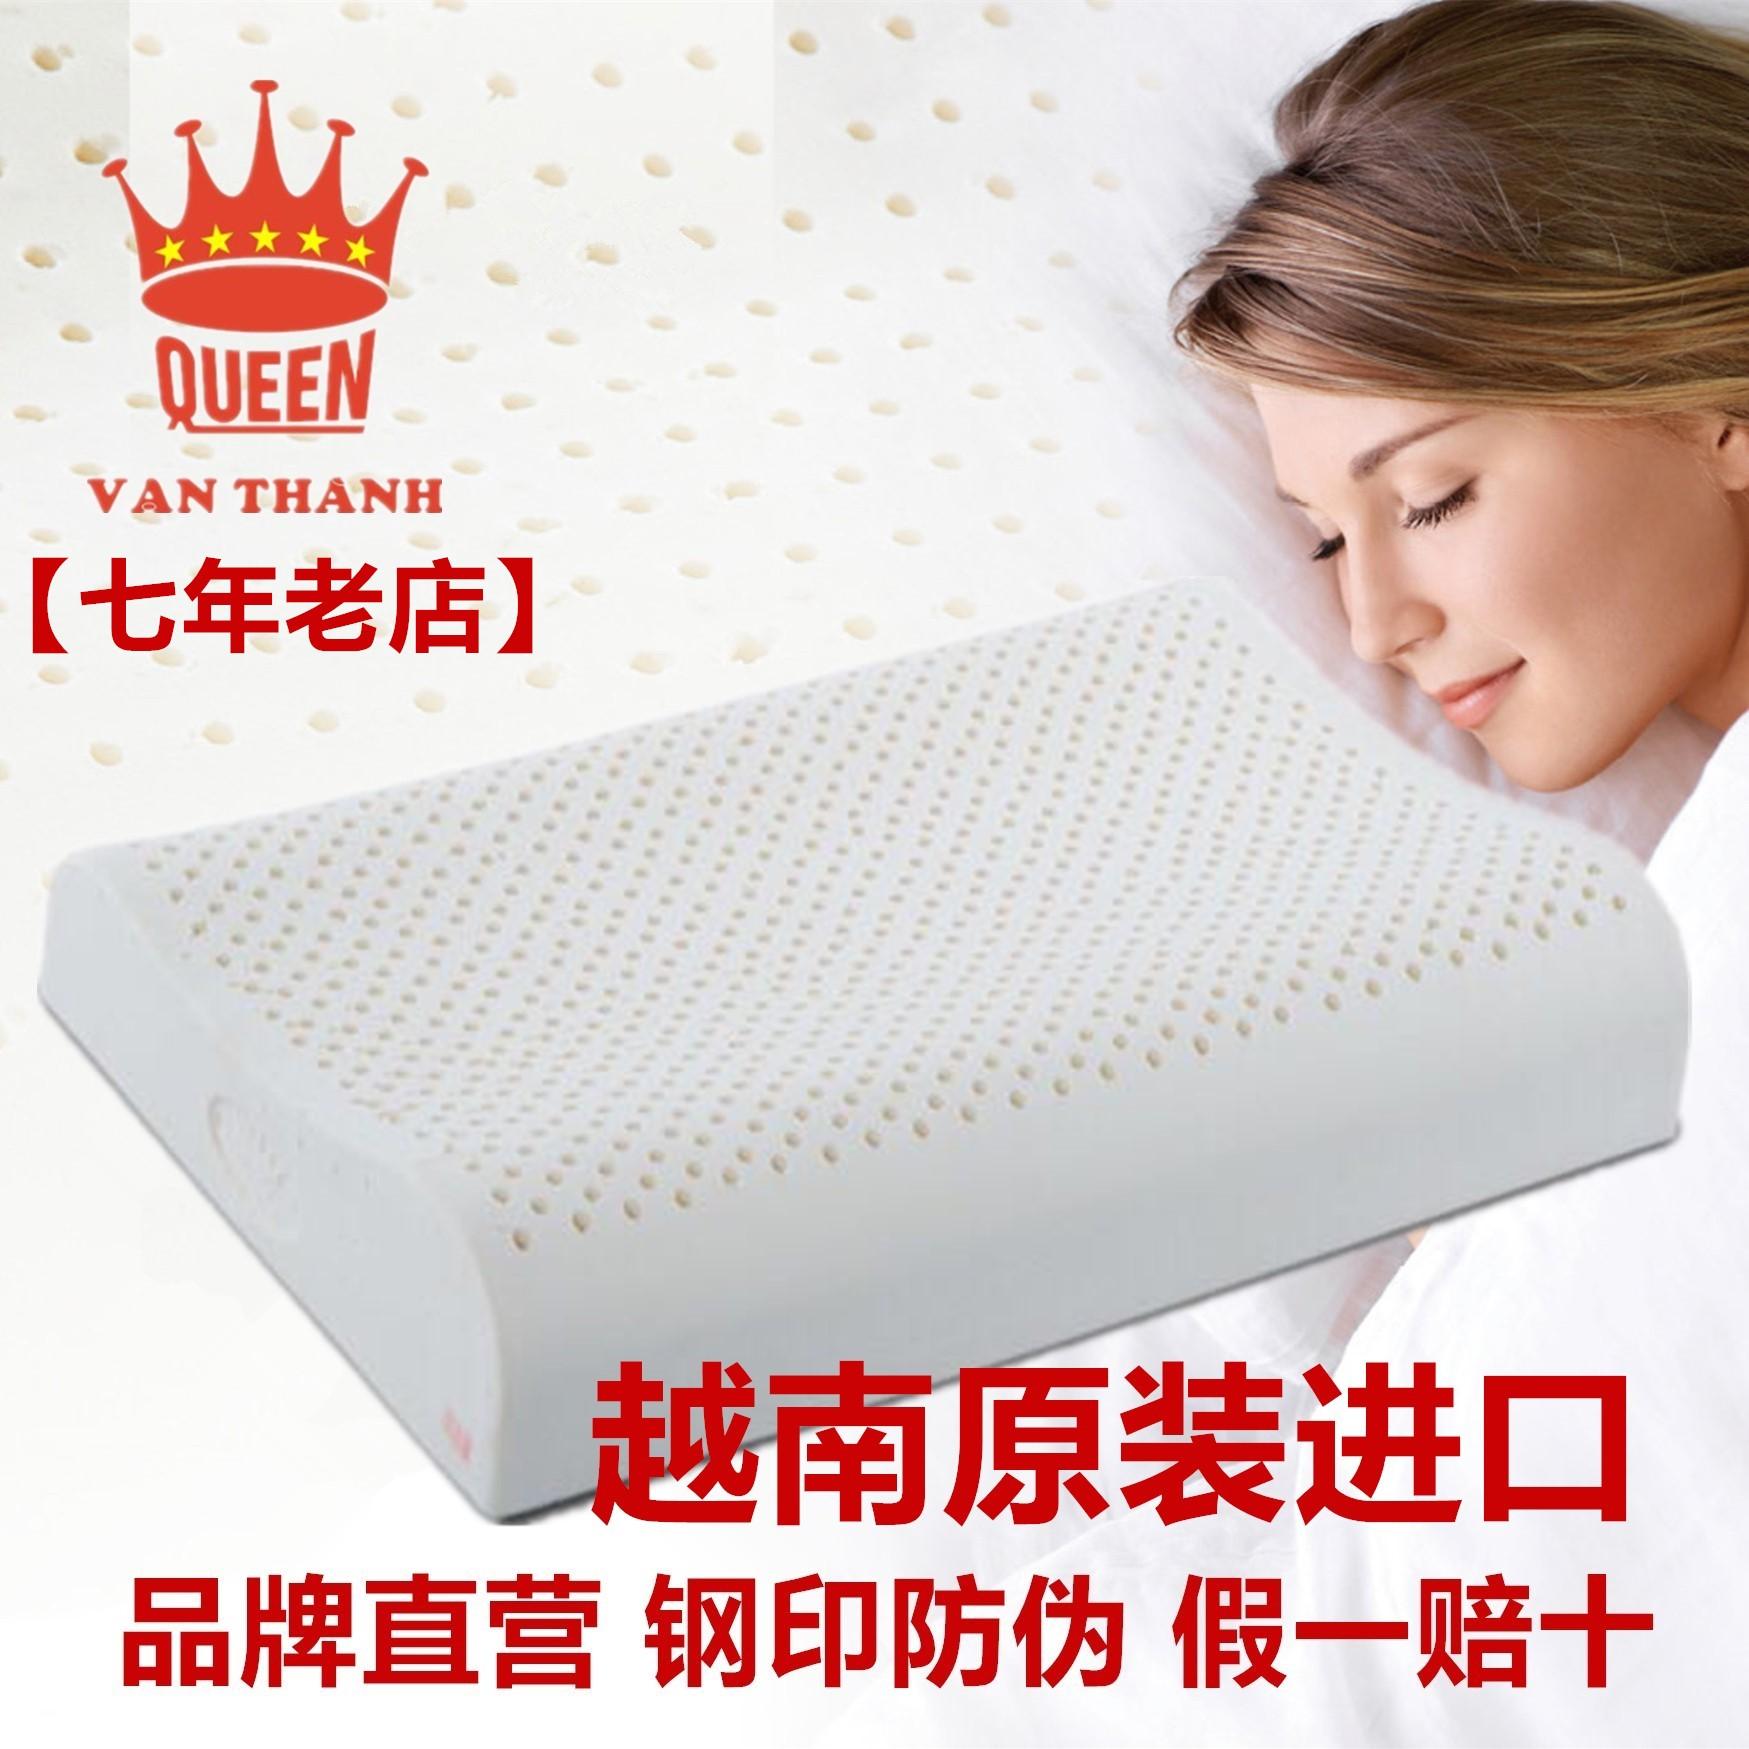 乳胶枕 进口 天然 越南 万成 皇冠 颈椎 橡胶 优于泰国 乳胶枕头